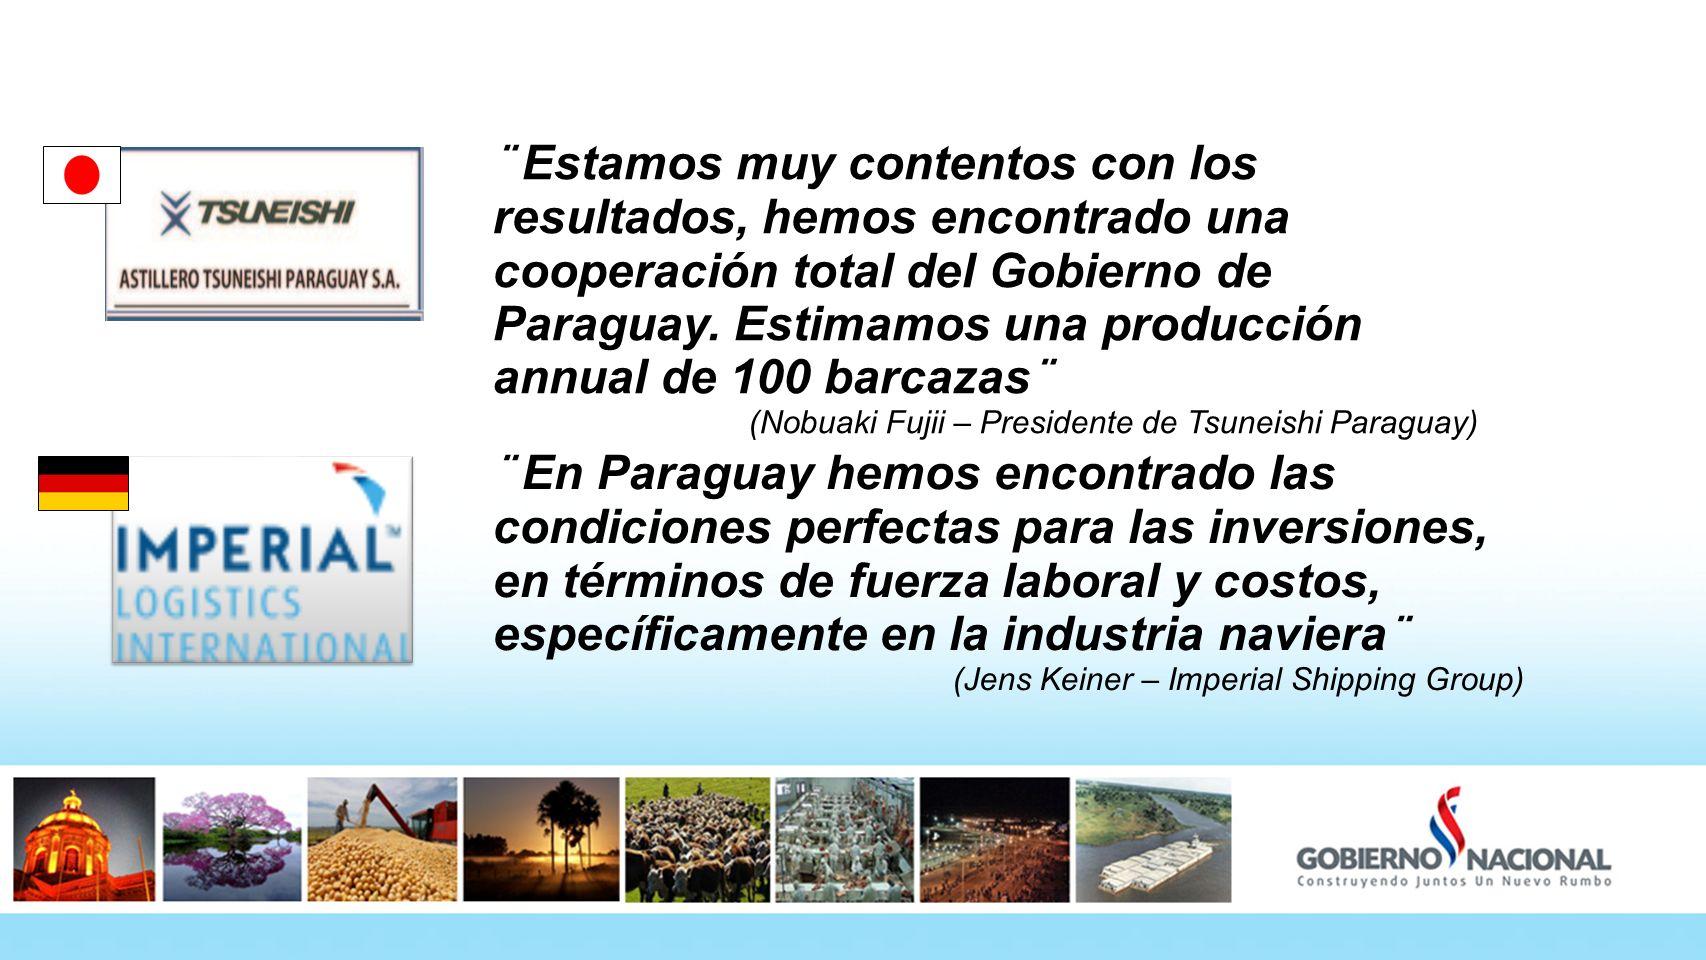 ¨ Estamos muy contentos con los resultados, hemos encontrado una cooperación total del Gobierno de Paraguay. Estimamos una producción annual de 100 ba